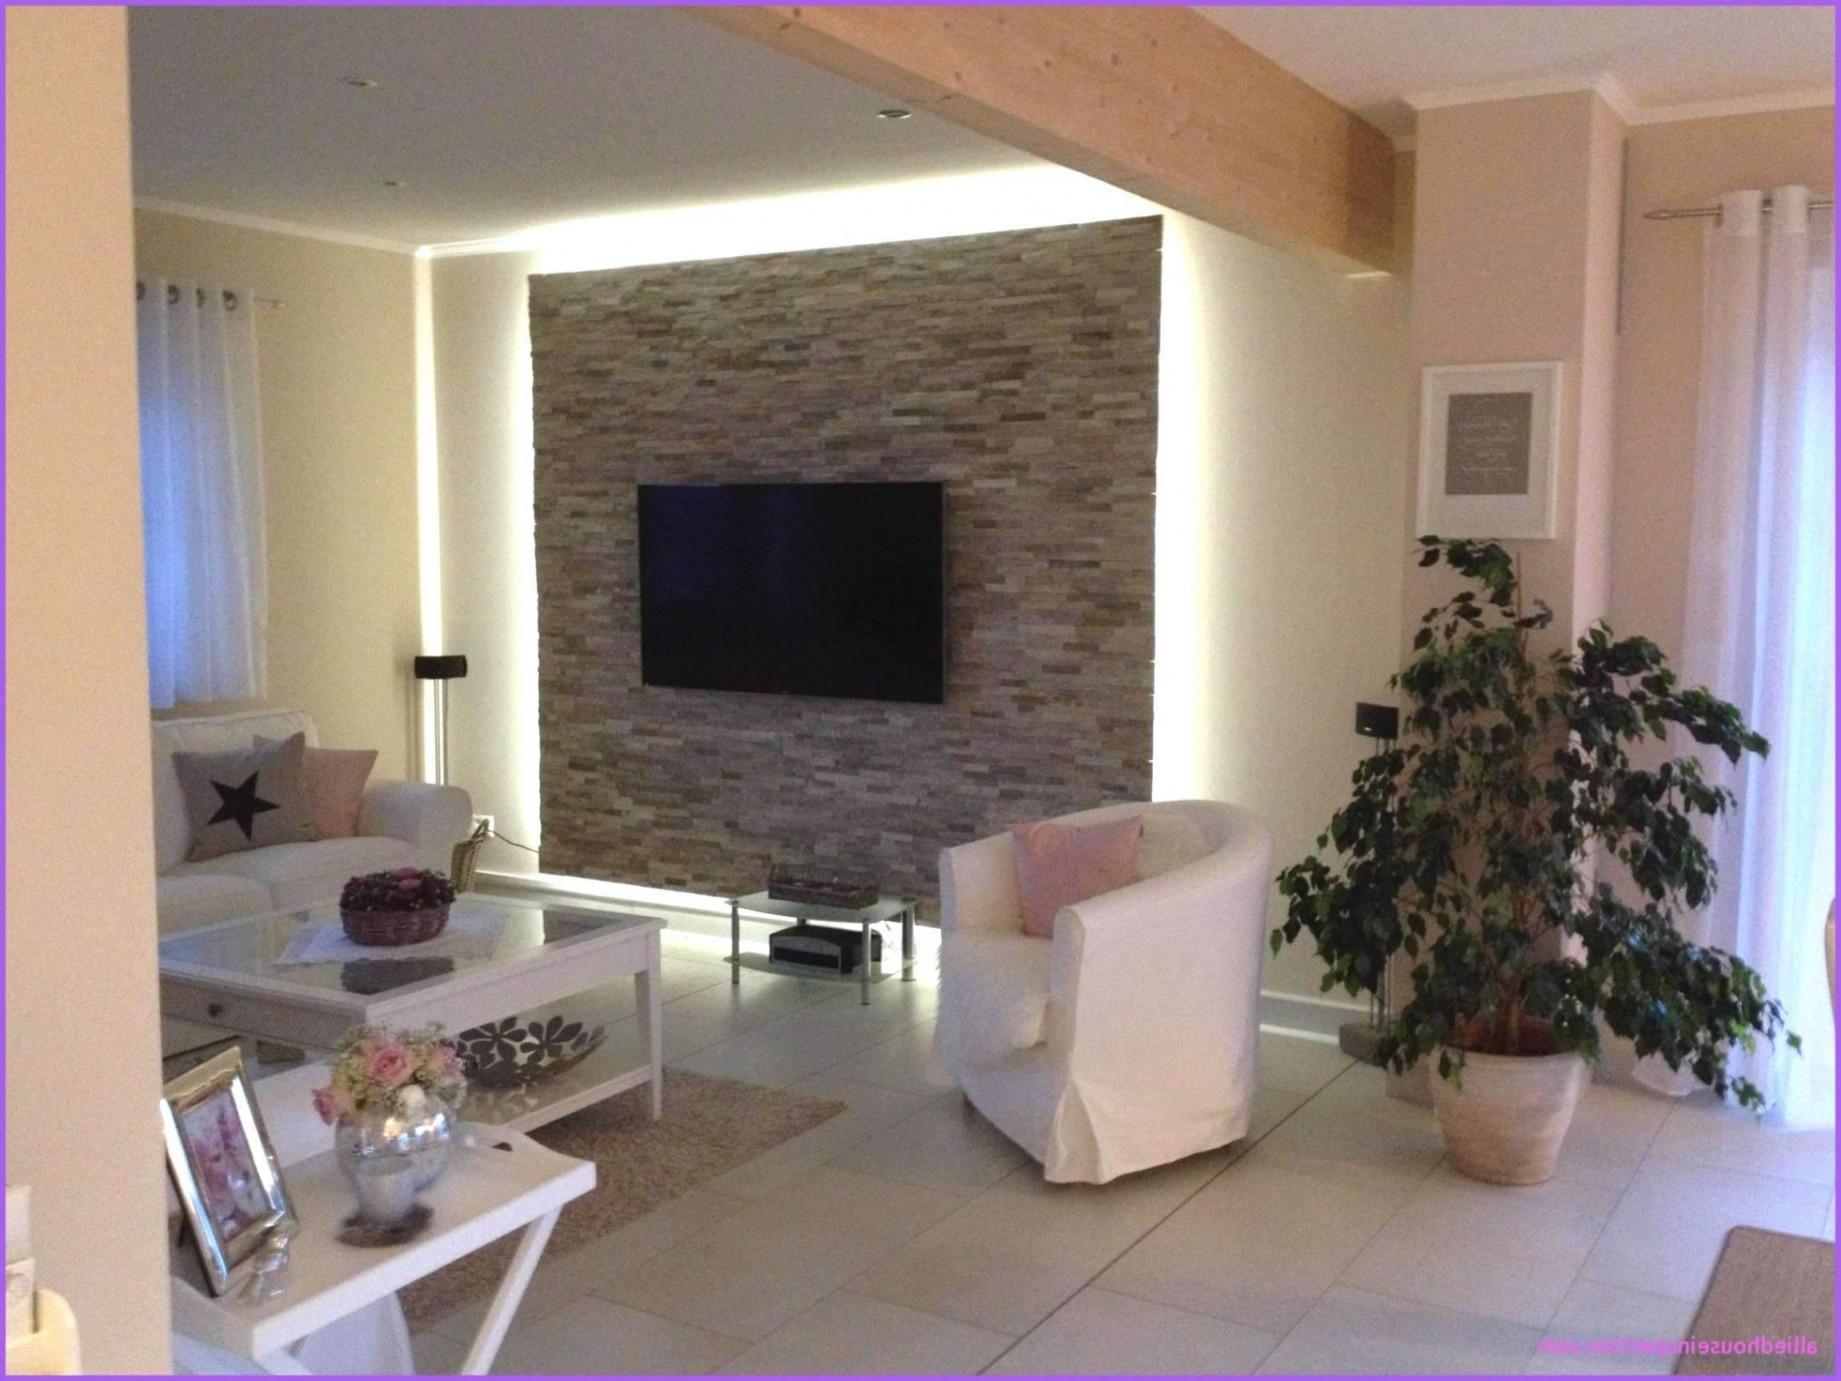 40 Schön Wohnzimmer Design Ideen Reizend  Wohnzimmer Frisch von Wohnzimmer Ideen Modern Bild